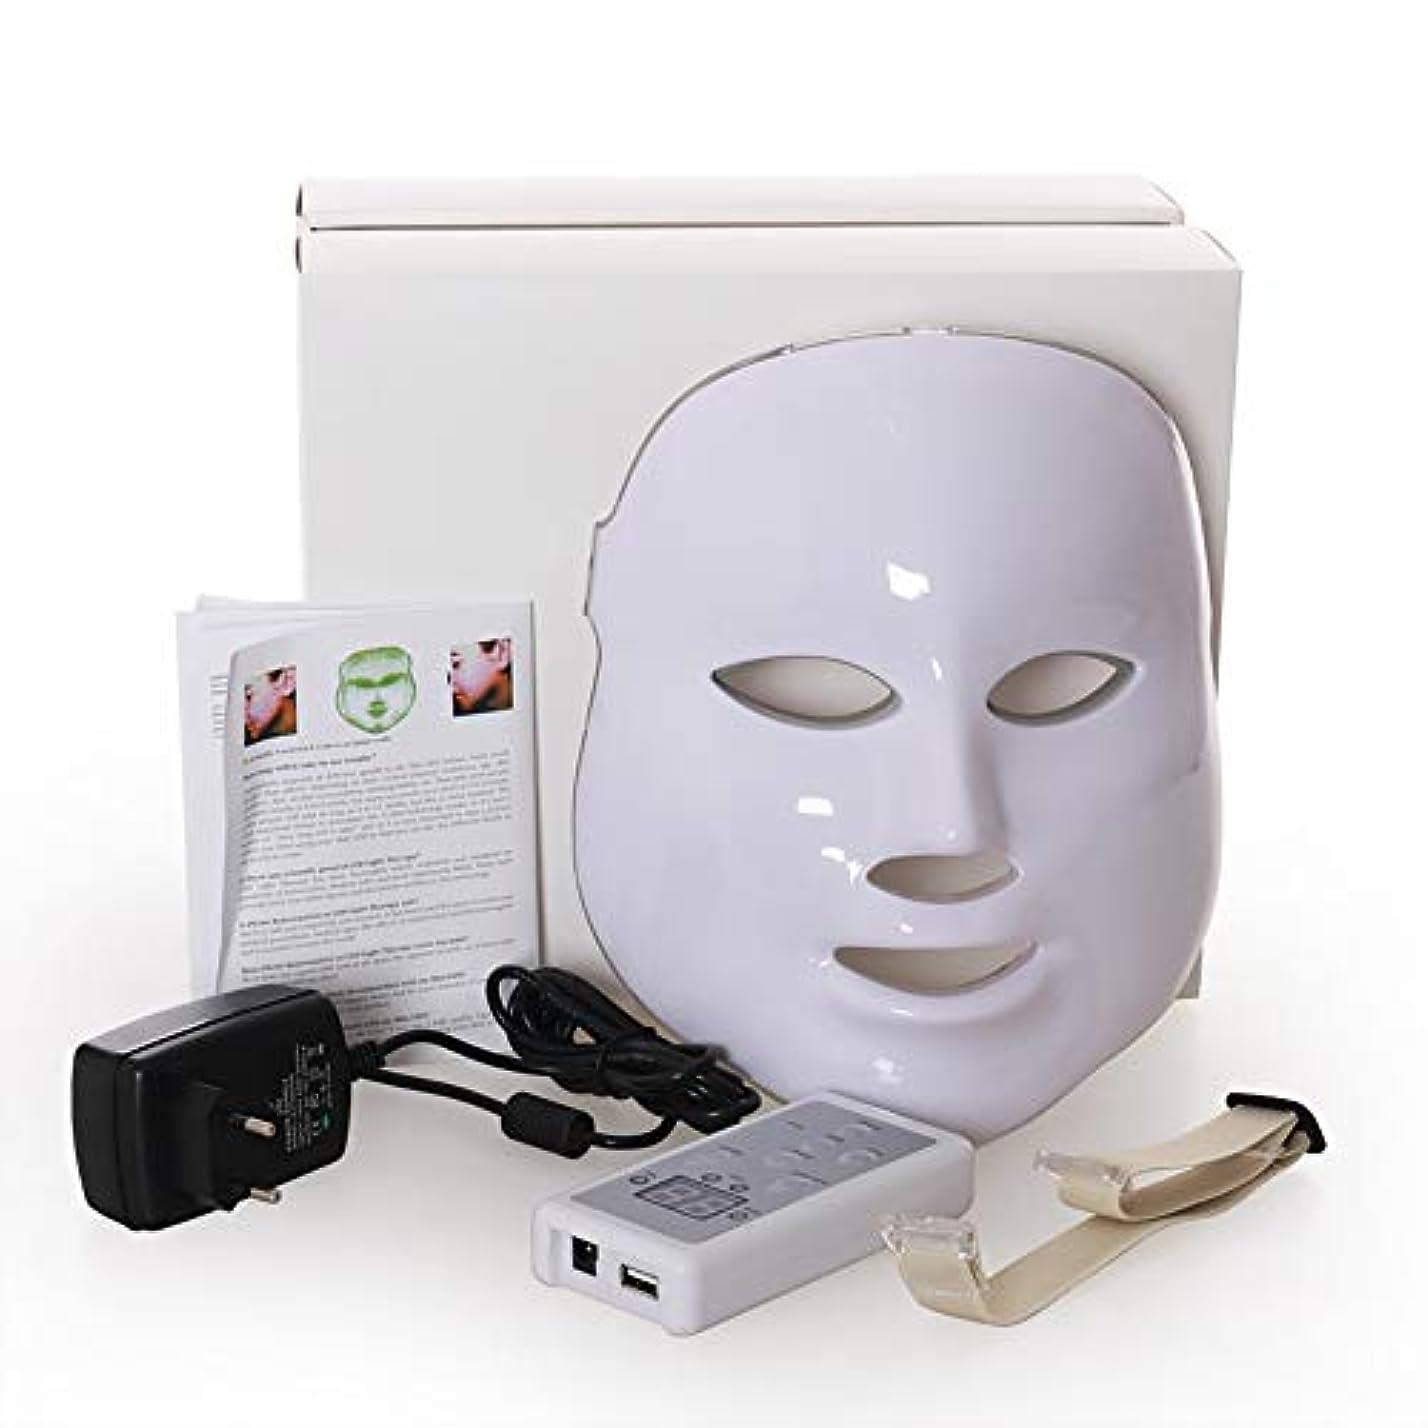 電圧法律バングラデシュLed のマスク、7色はしわ、にきび及び健康な皮の若返りのコラーゲン、反老化の美のマスクのための軽い療法の顔のスキンケアのマスクを導きました